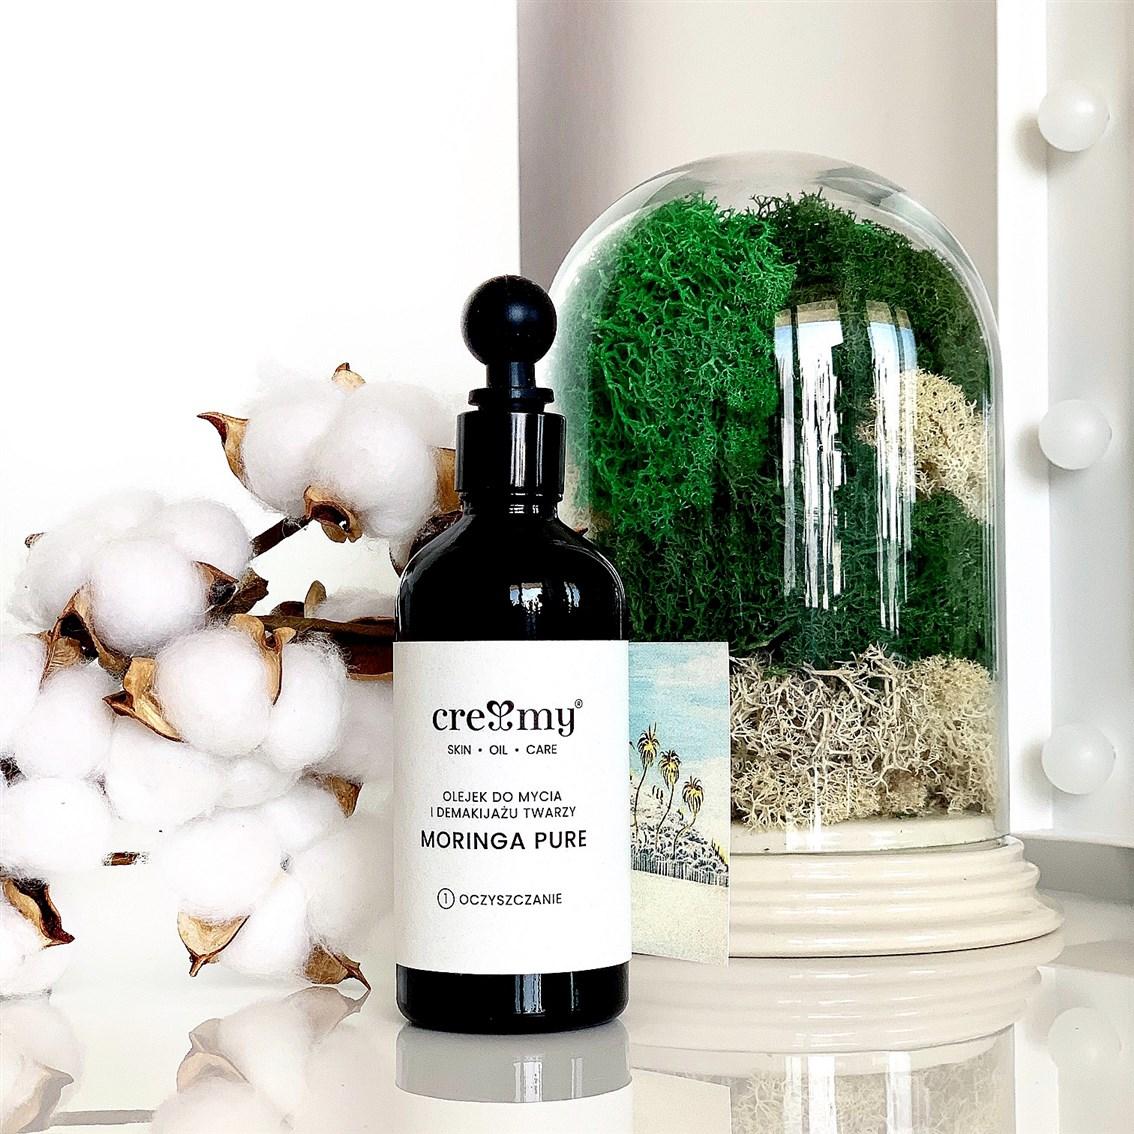 Creamy Moringa Pure Olejek do Mycia Twarzy i Demakijażu opinie